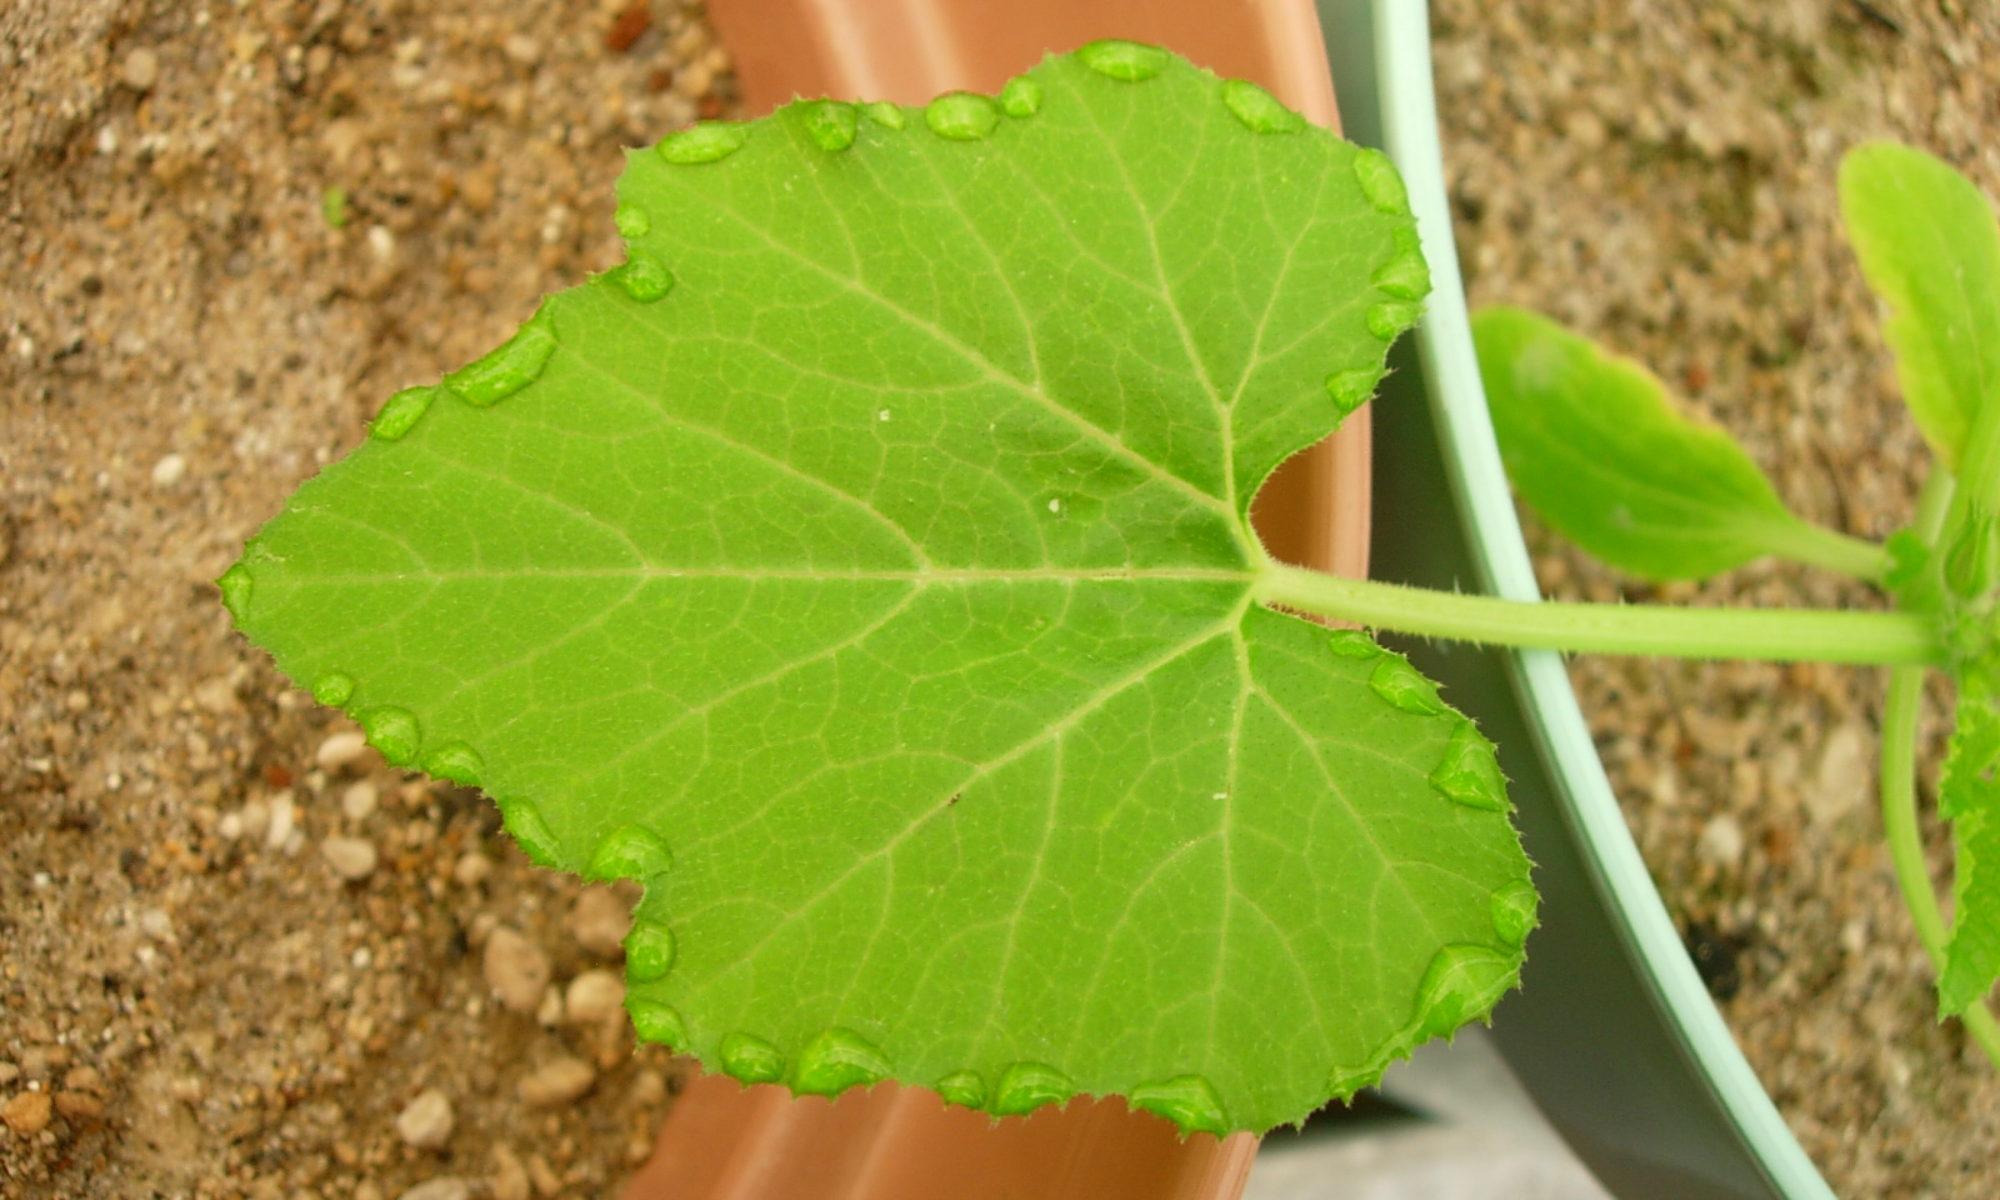 Ecofisiología agraria